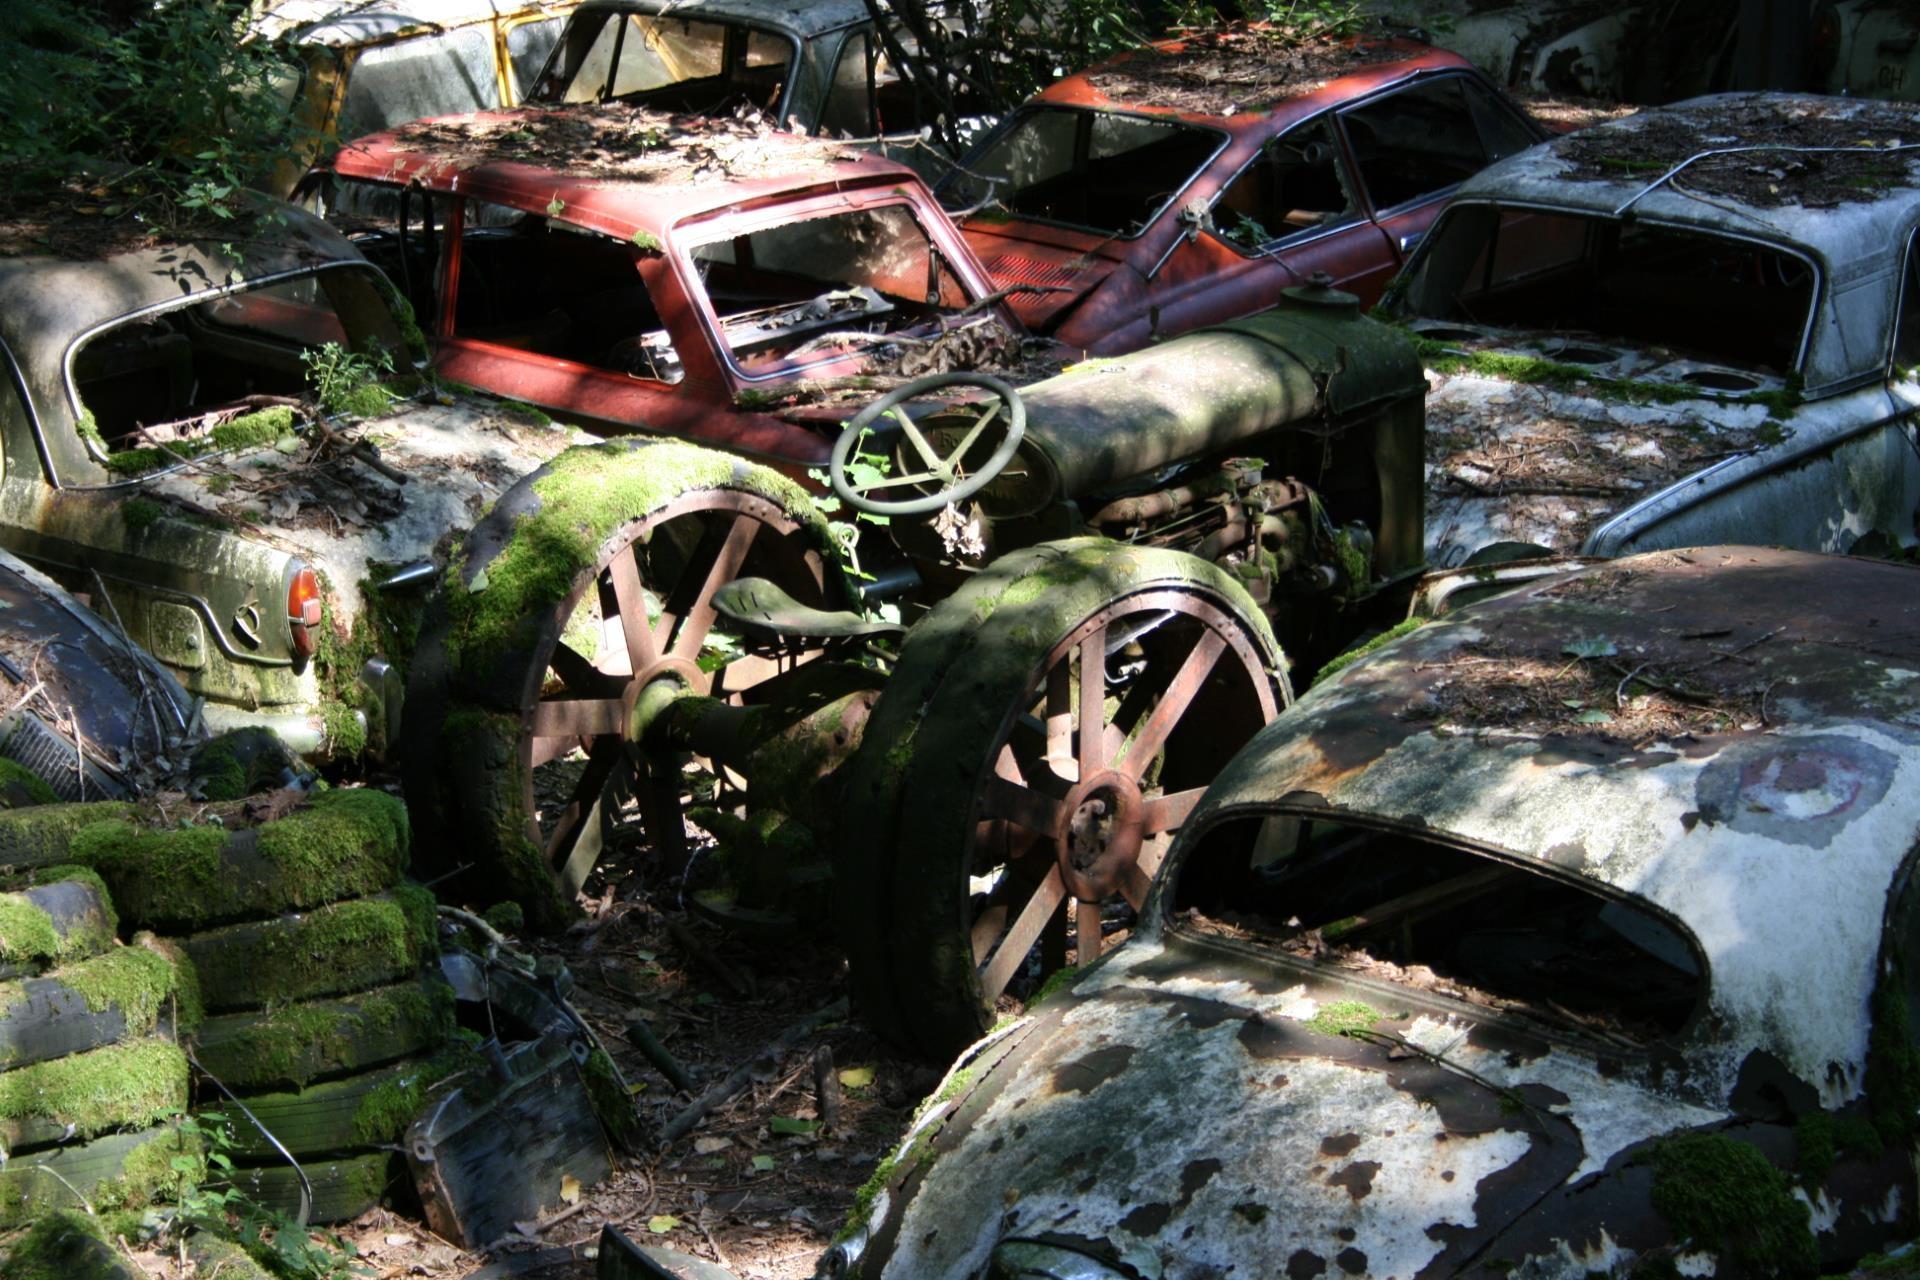 Fotoğraf Araba çevre Pas Araç Orman çamur Malzeme Eski